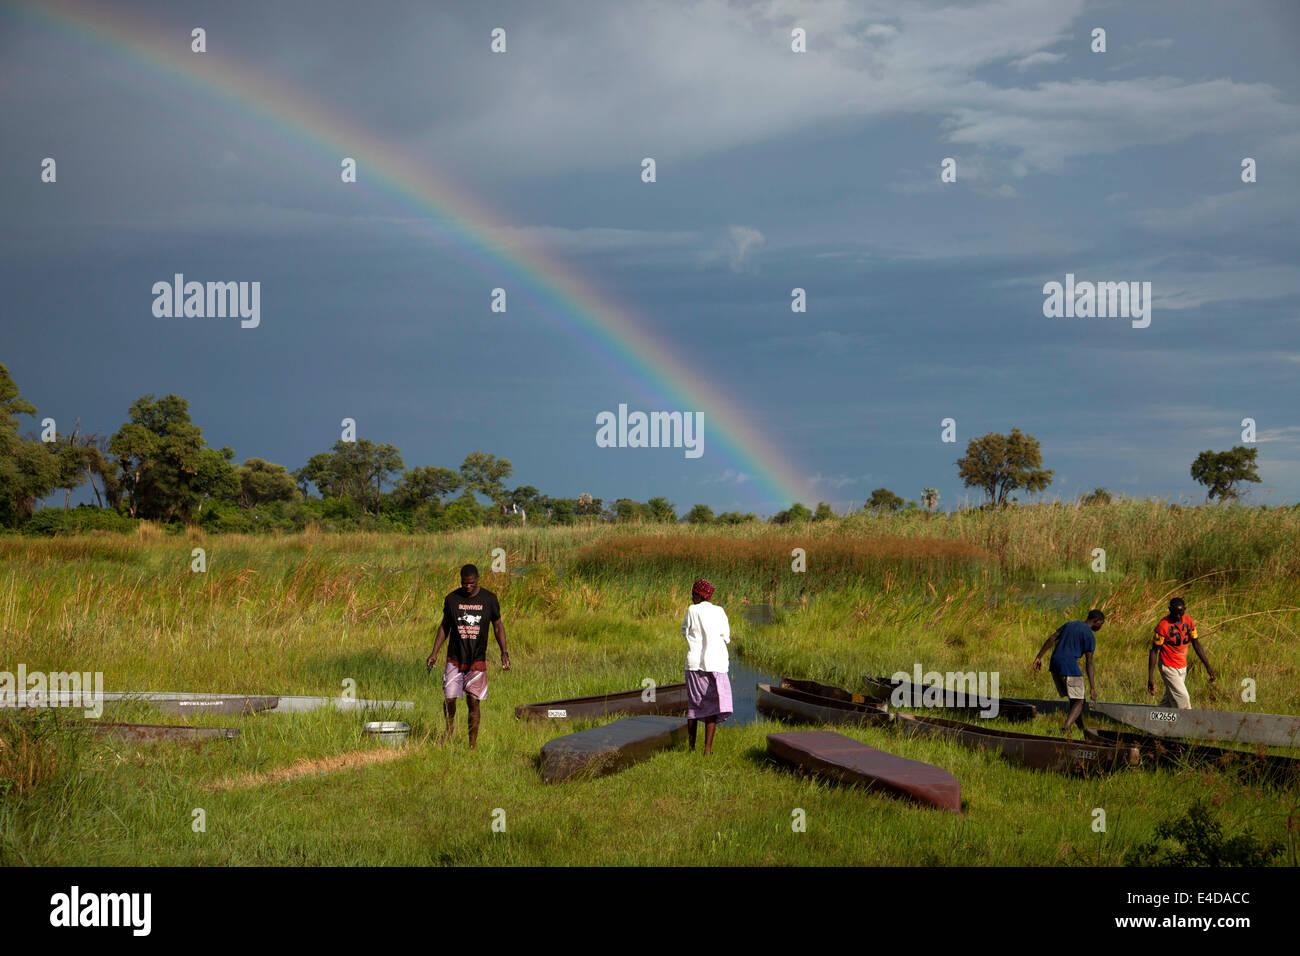 traditional mokoro boats and rainbow in the Okavango Delta, Botswana, Africa - Stock Image